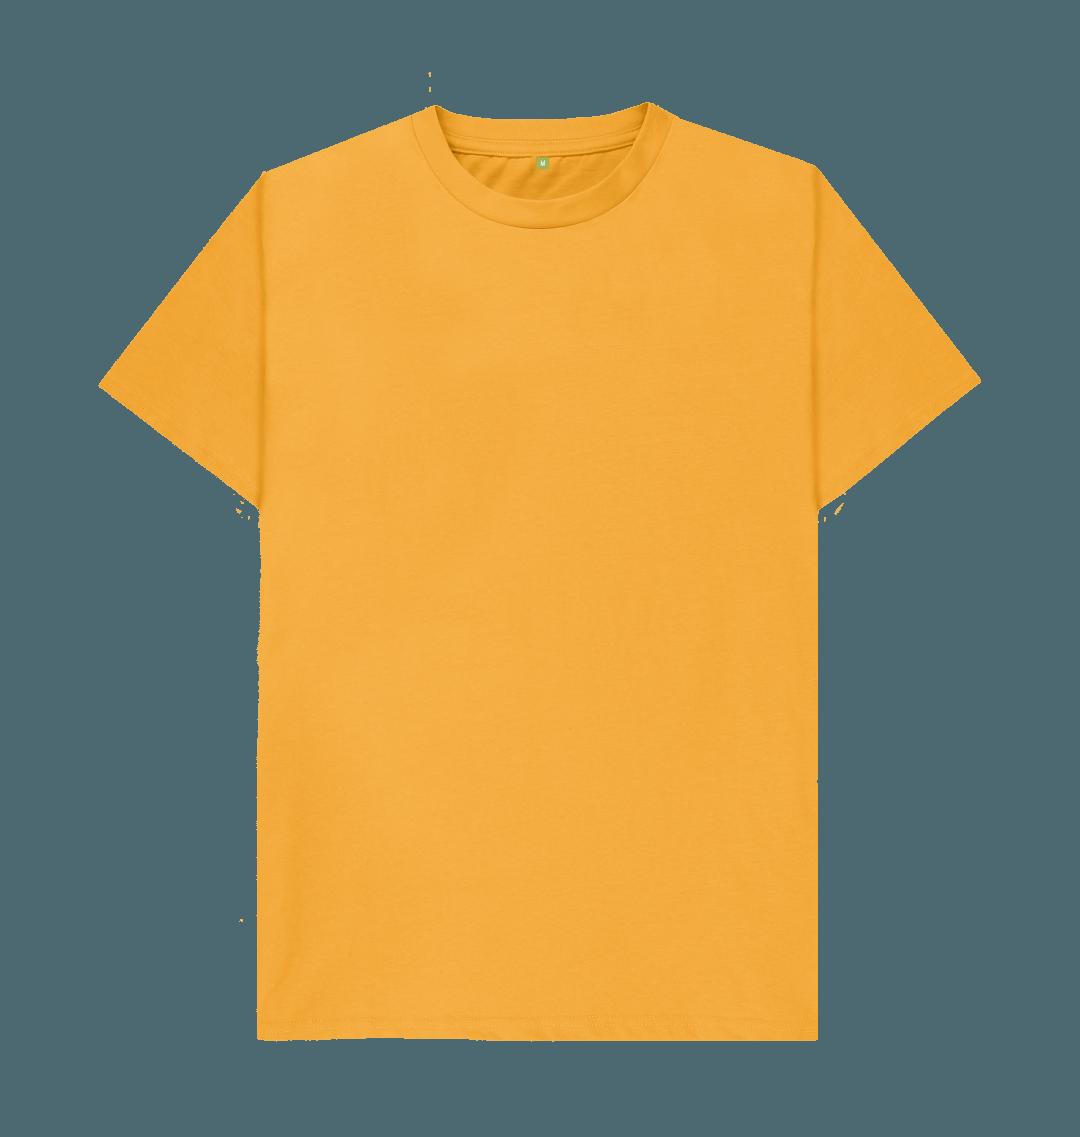 3 Jenis T Shirts Organic Dan Apa Yang Harus Dipilih?